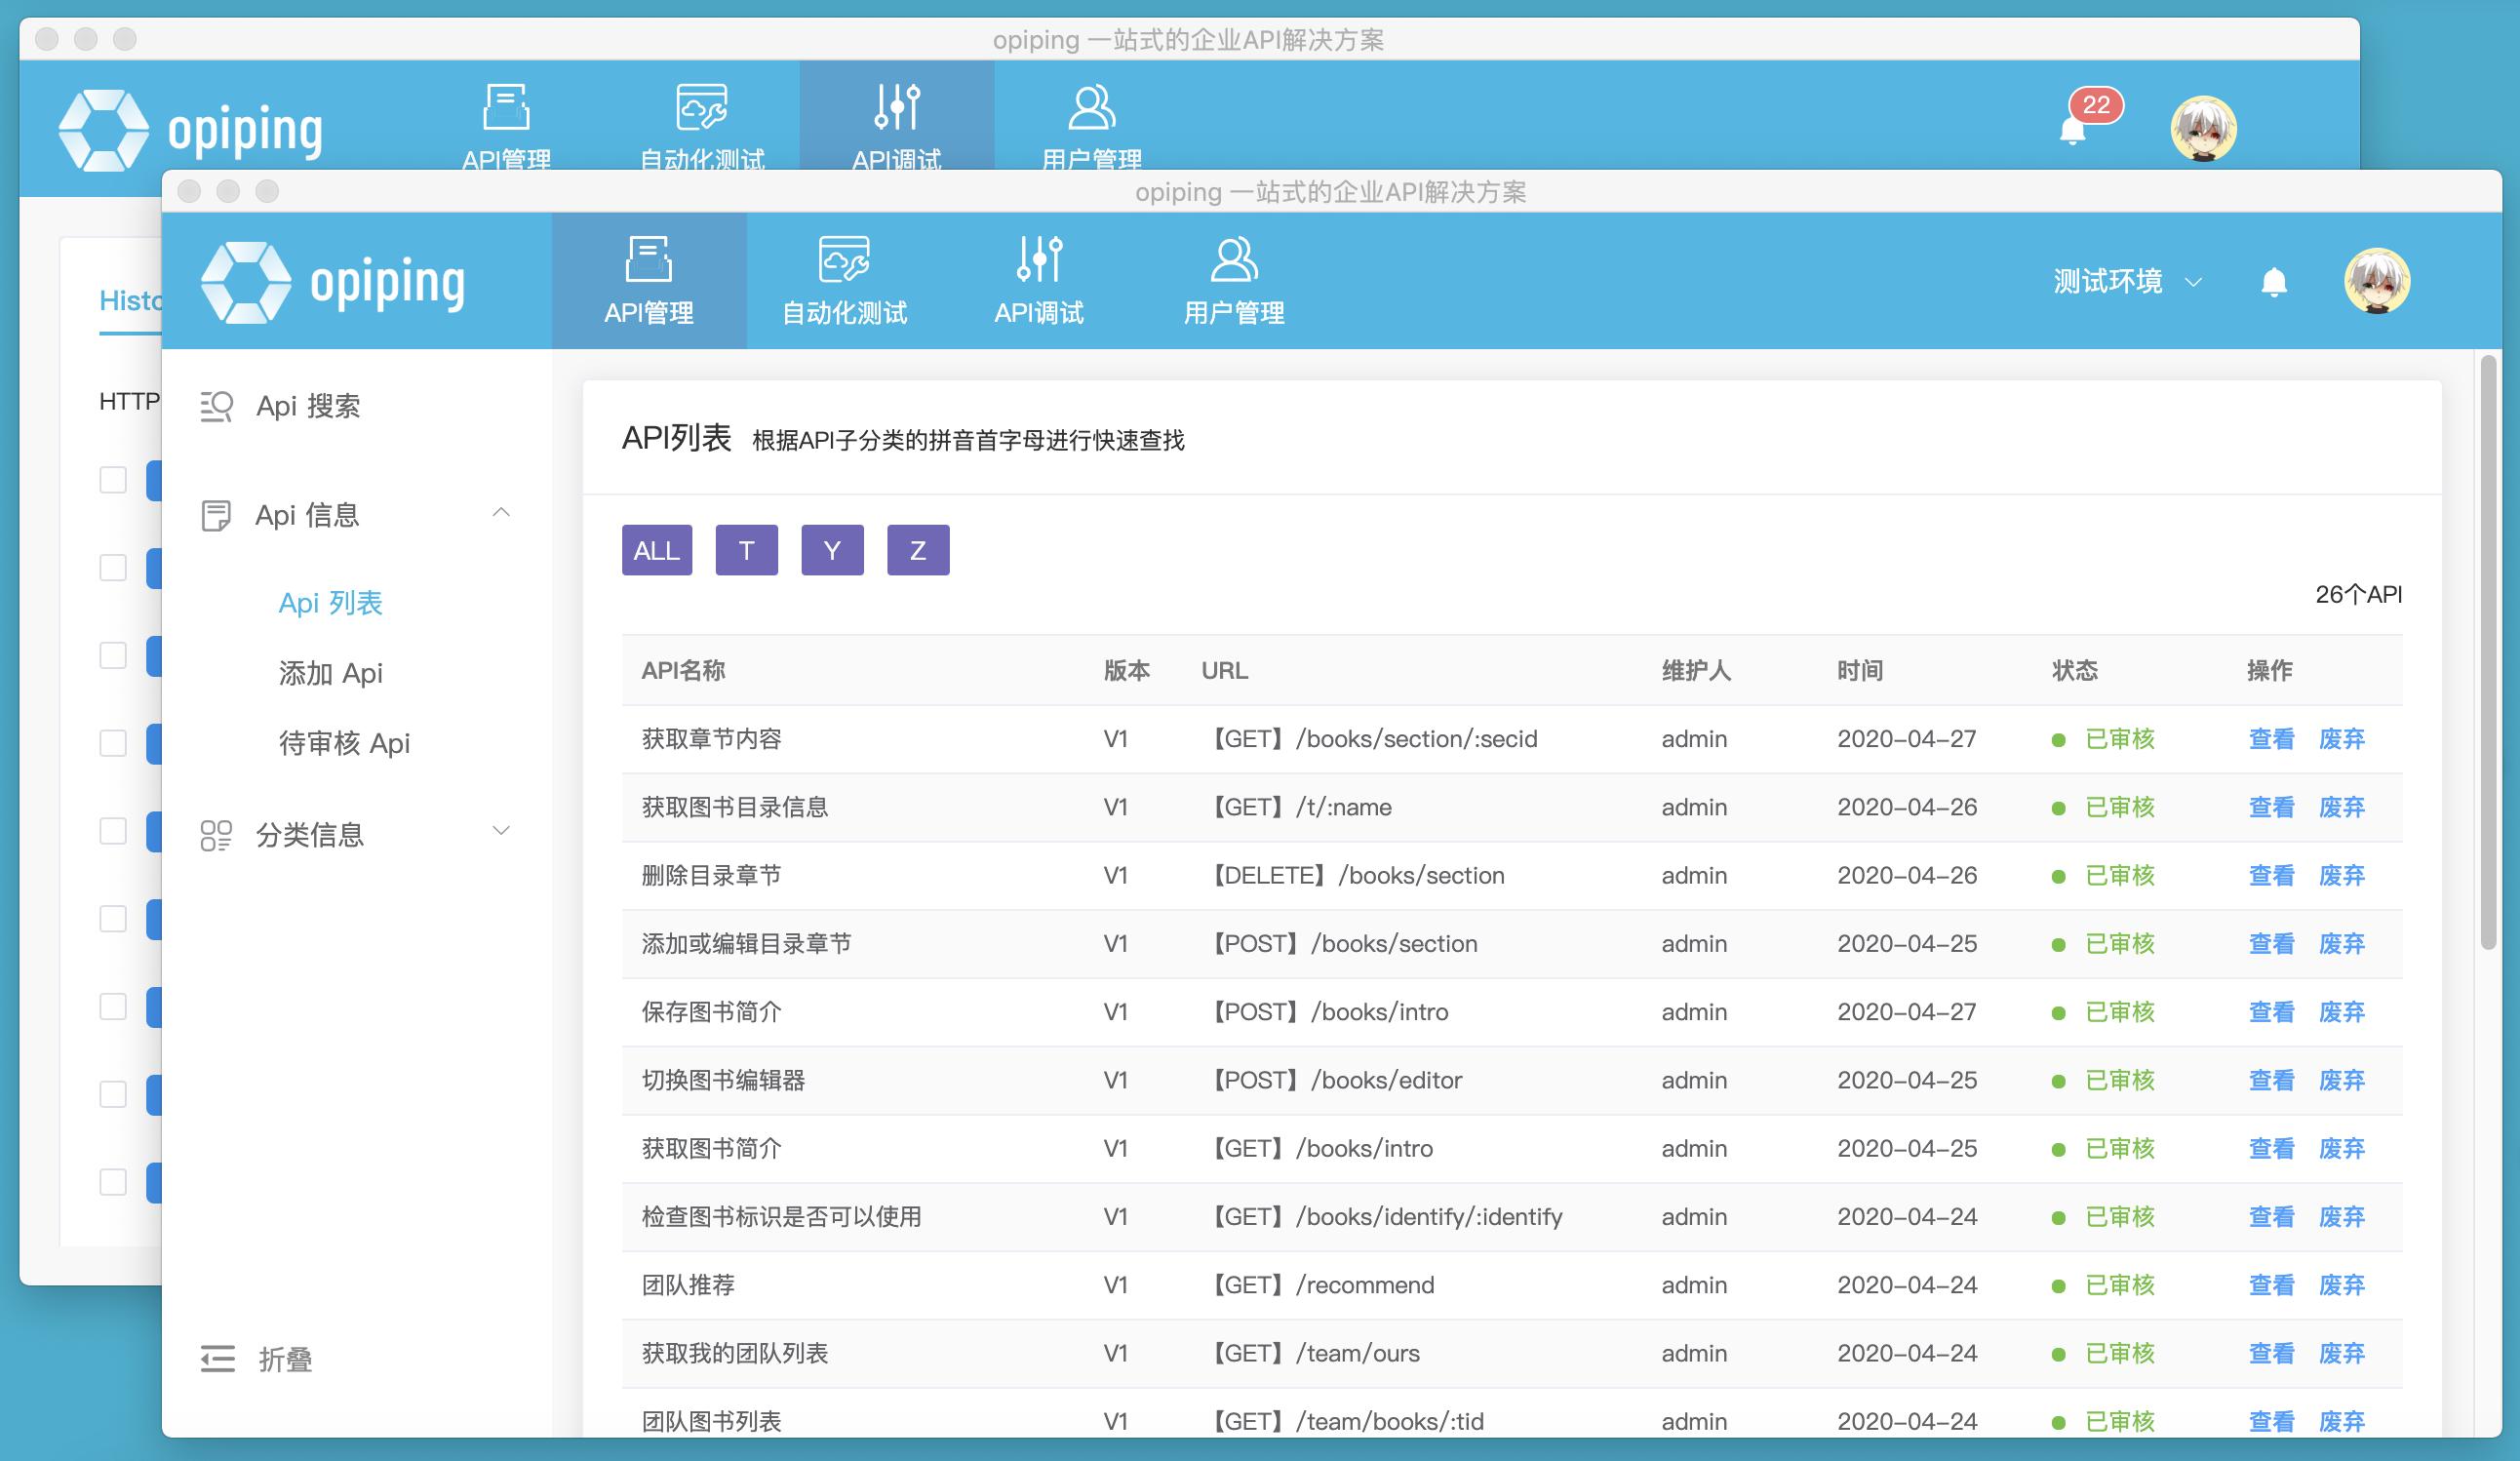 xApi Manager v1.0.5 发布,优化 API 分类及自动升级